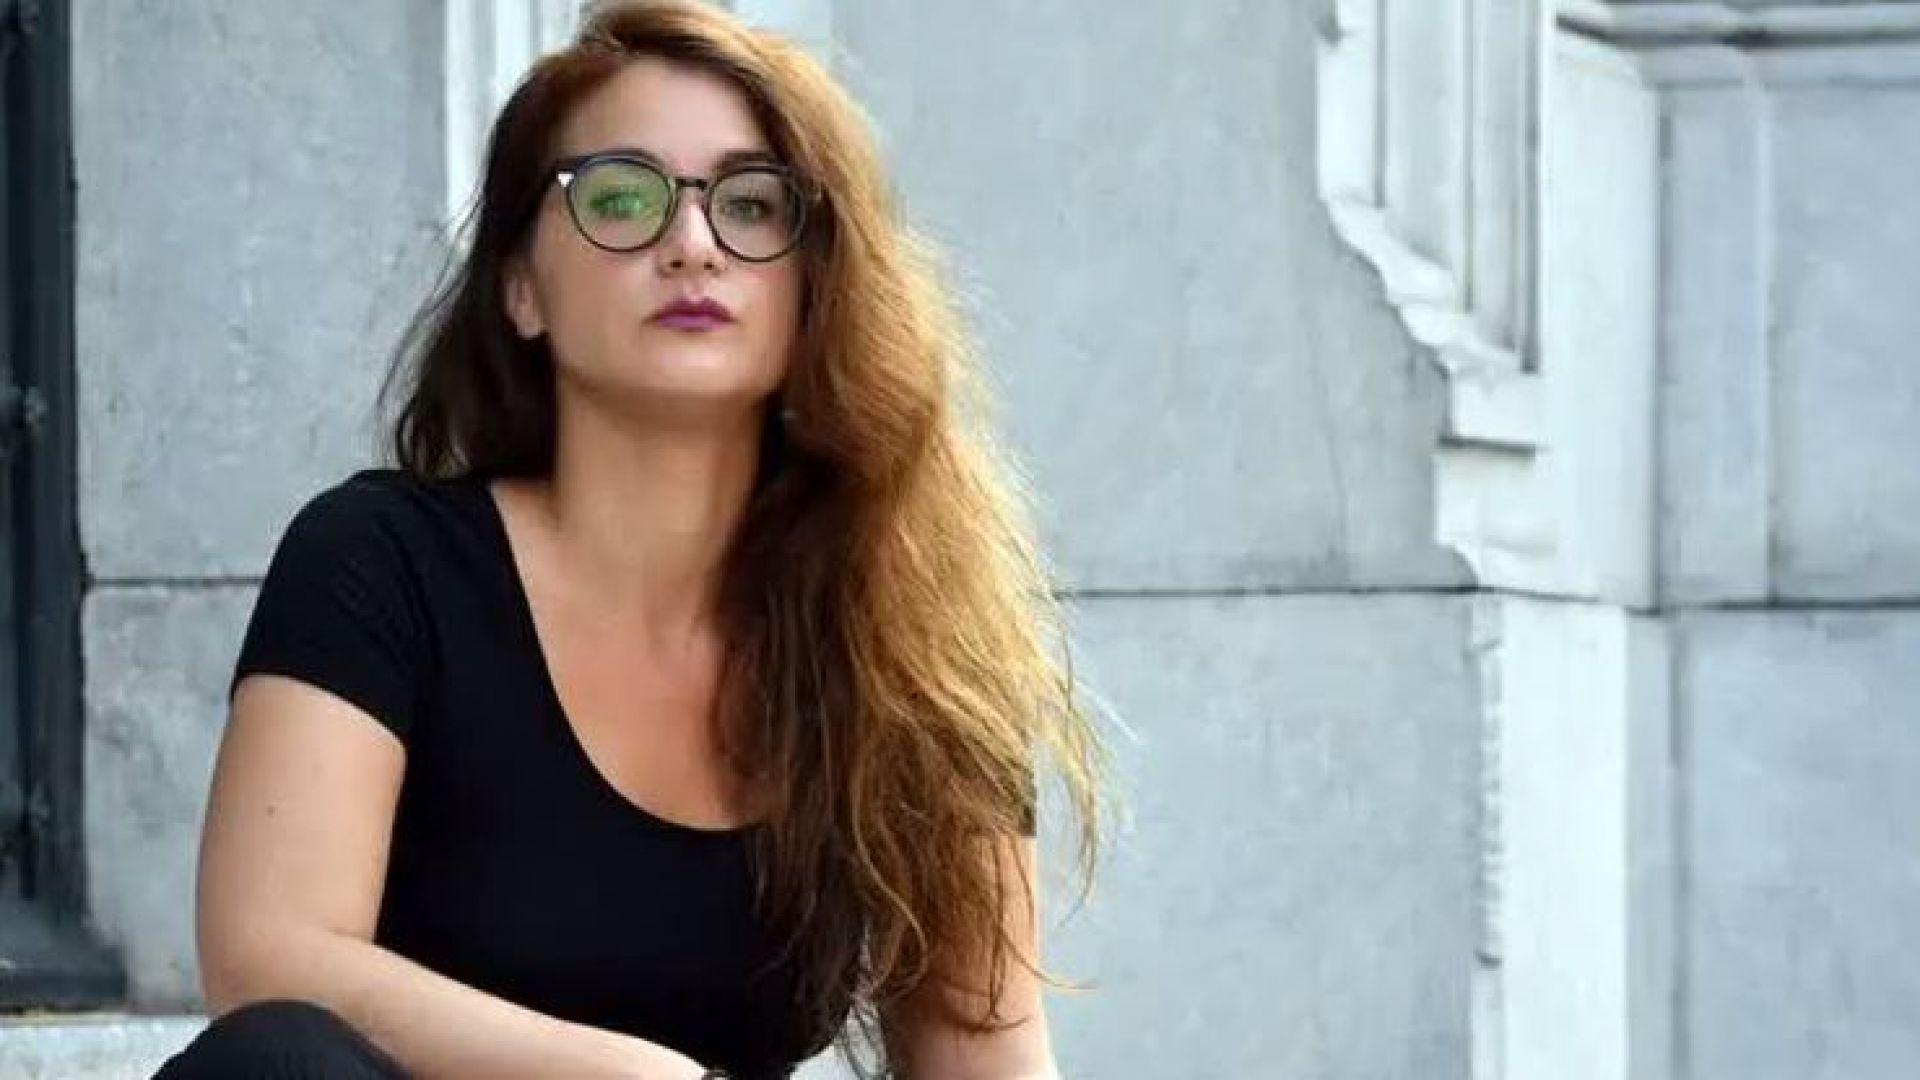 Артистка бе осъдена за сексуален пърформанс във Франция (видео)